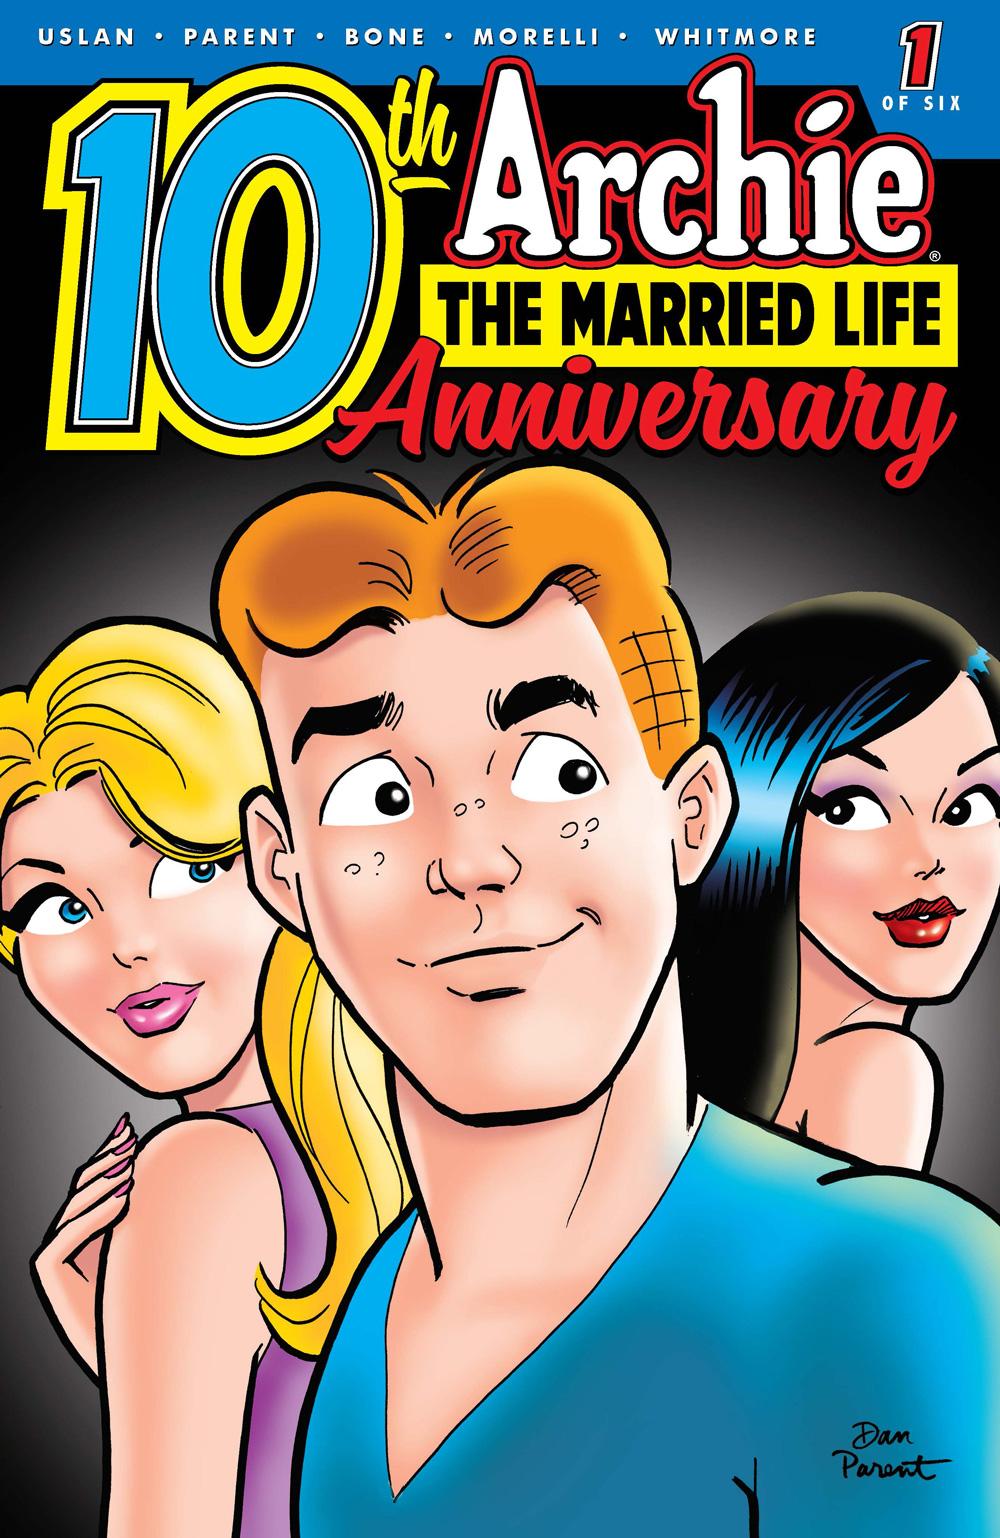 ArchieTheMarriedLife10thAnniversary_01_CoverA_Parent.jpg